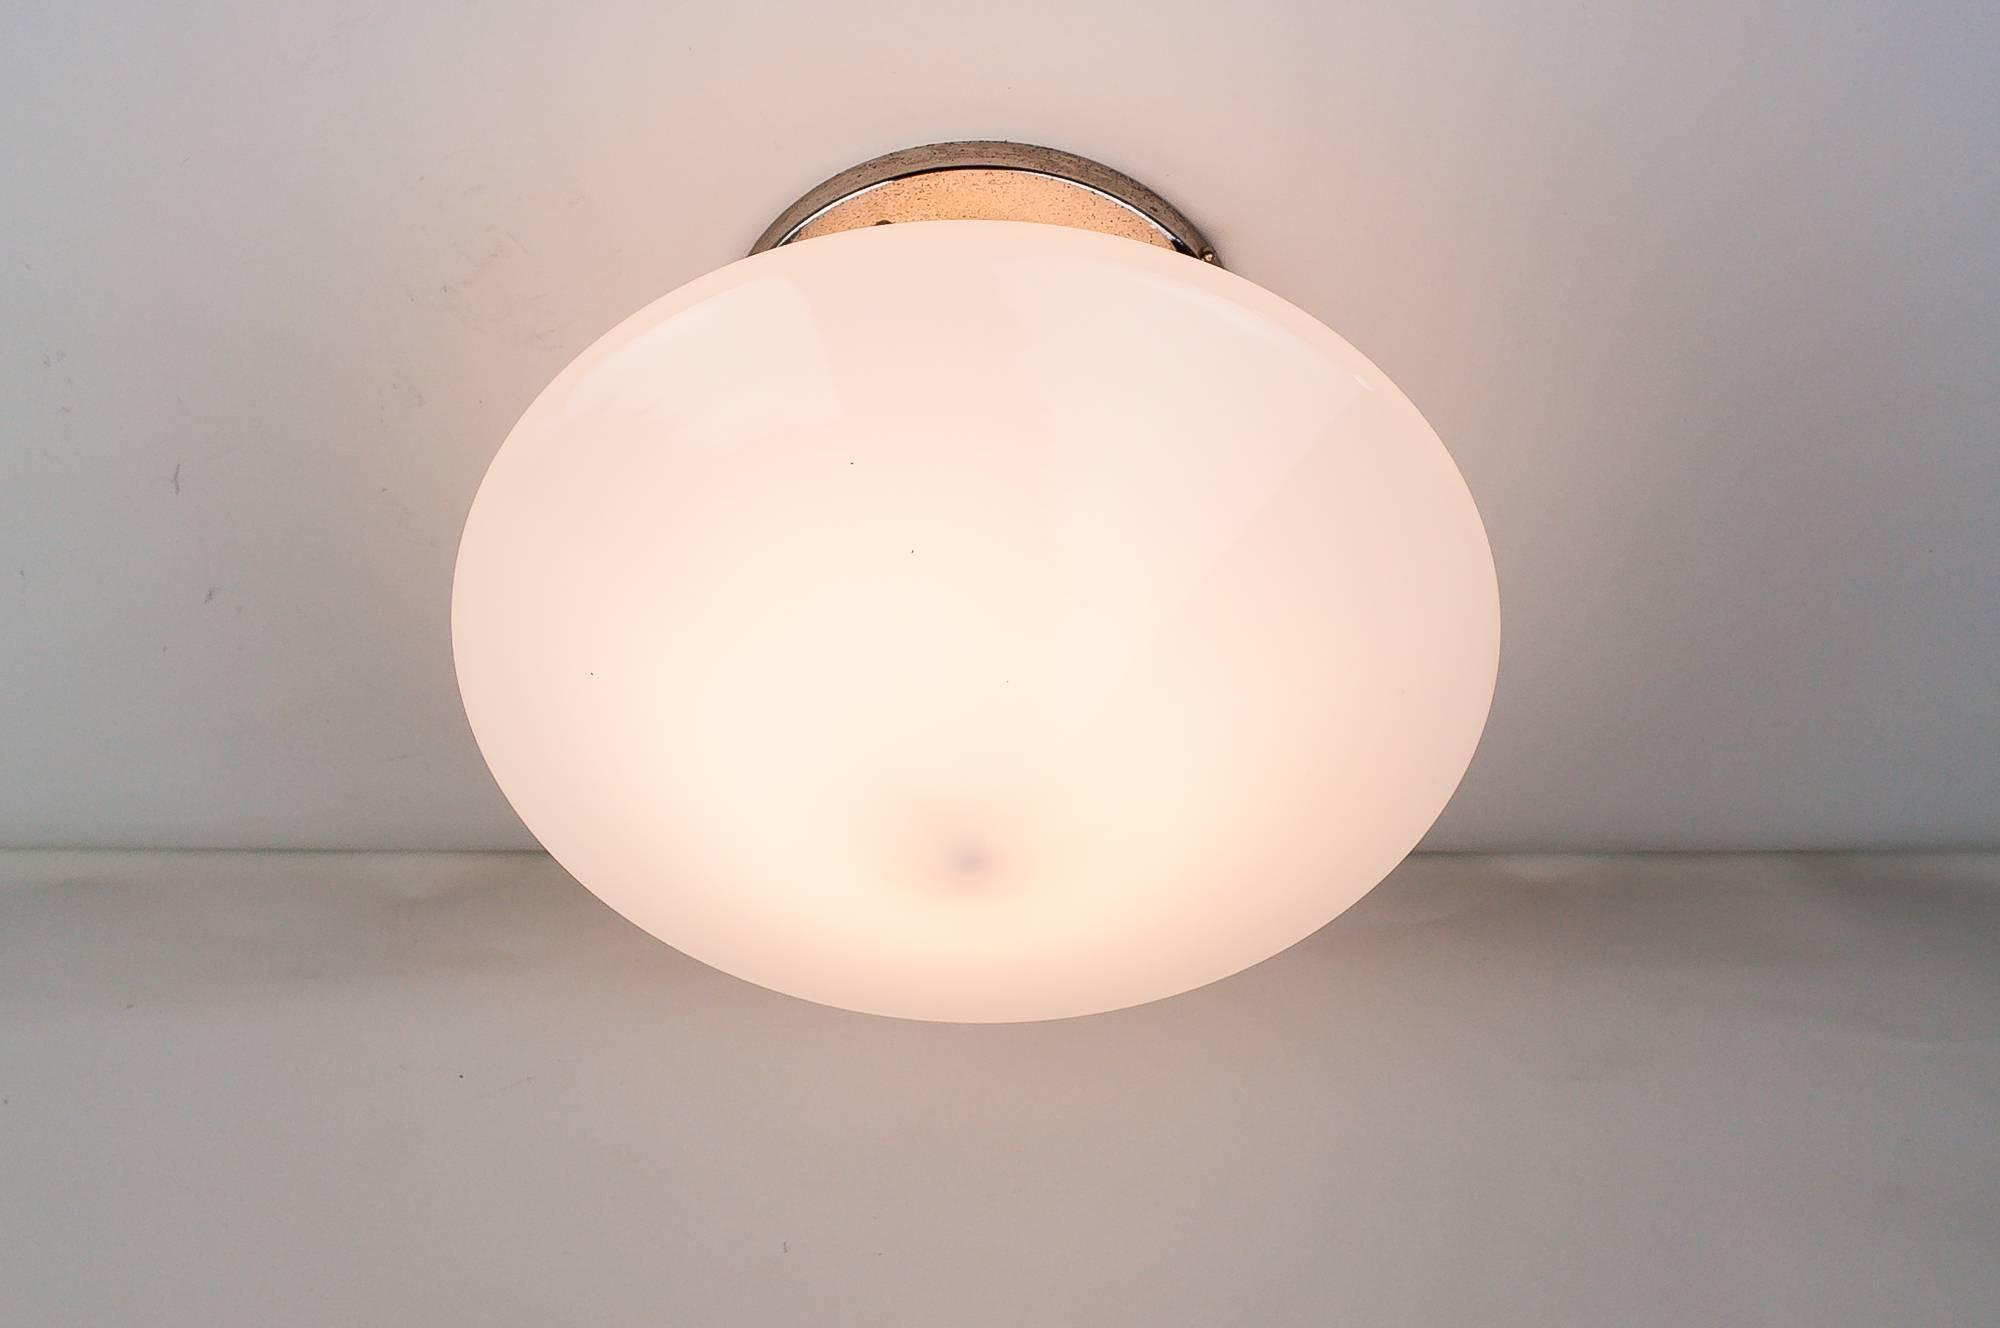 Plafoniere A Led 30 Cm : Kristall deckenleuchte bauhaus lampen kaufen weimar